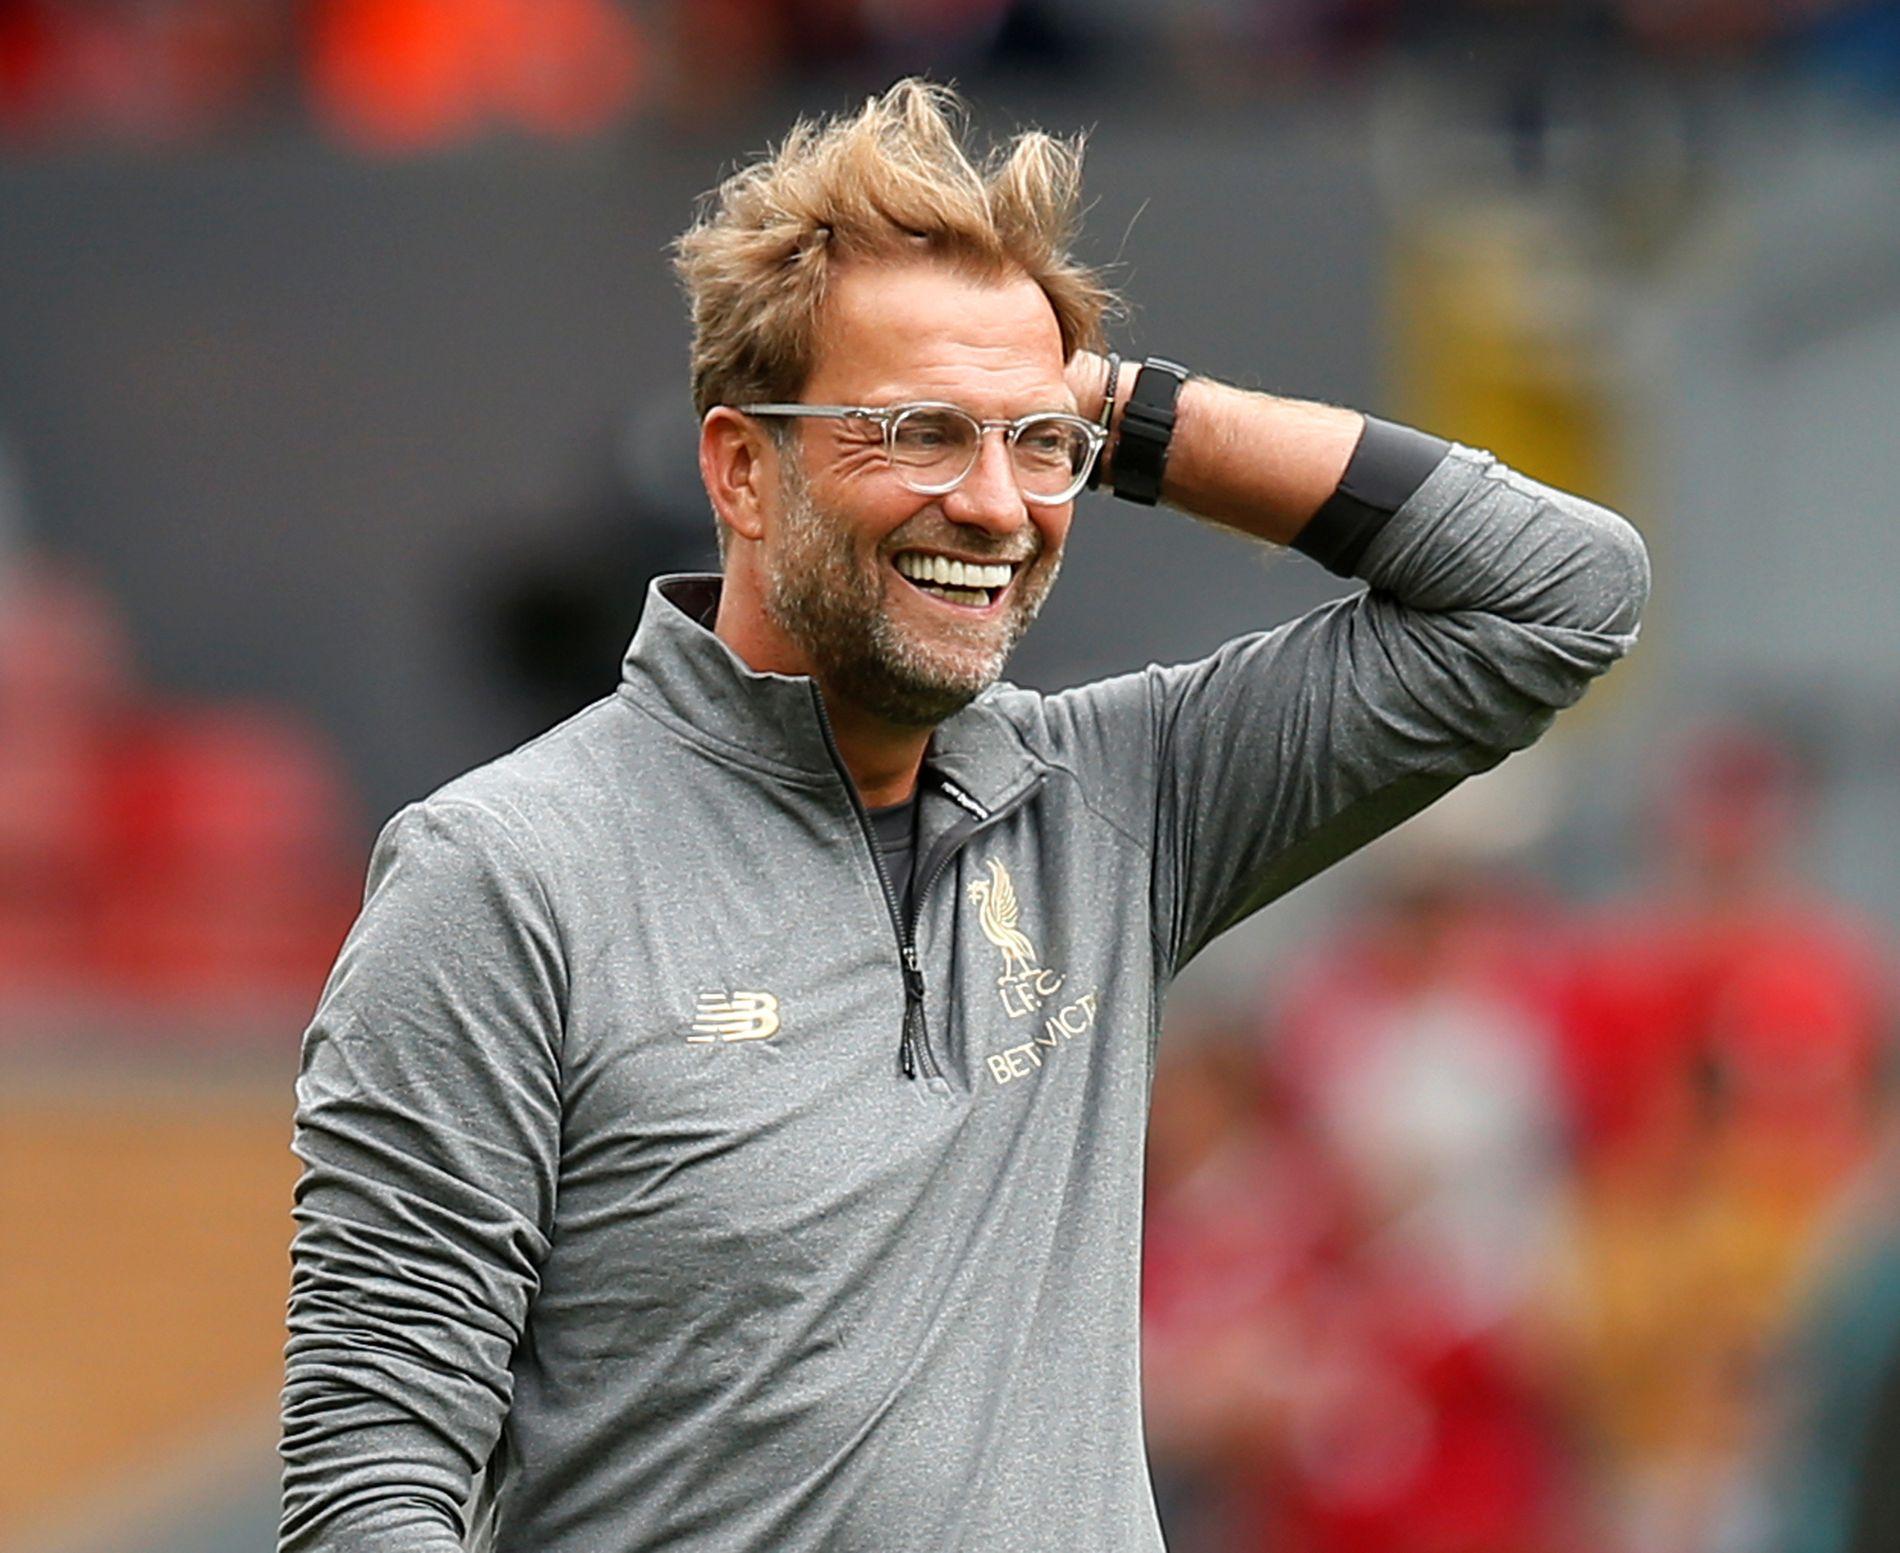 FORNØYD: Jürgen Klopp smiler her før seieren over West Ham. Foreløpig har klubben full pott i Premier League.